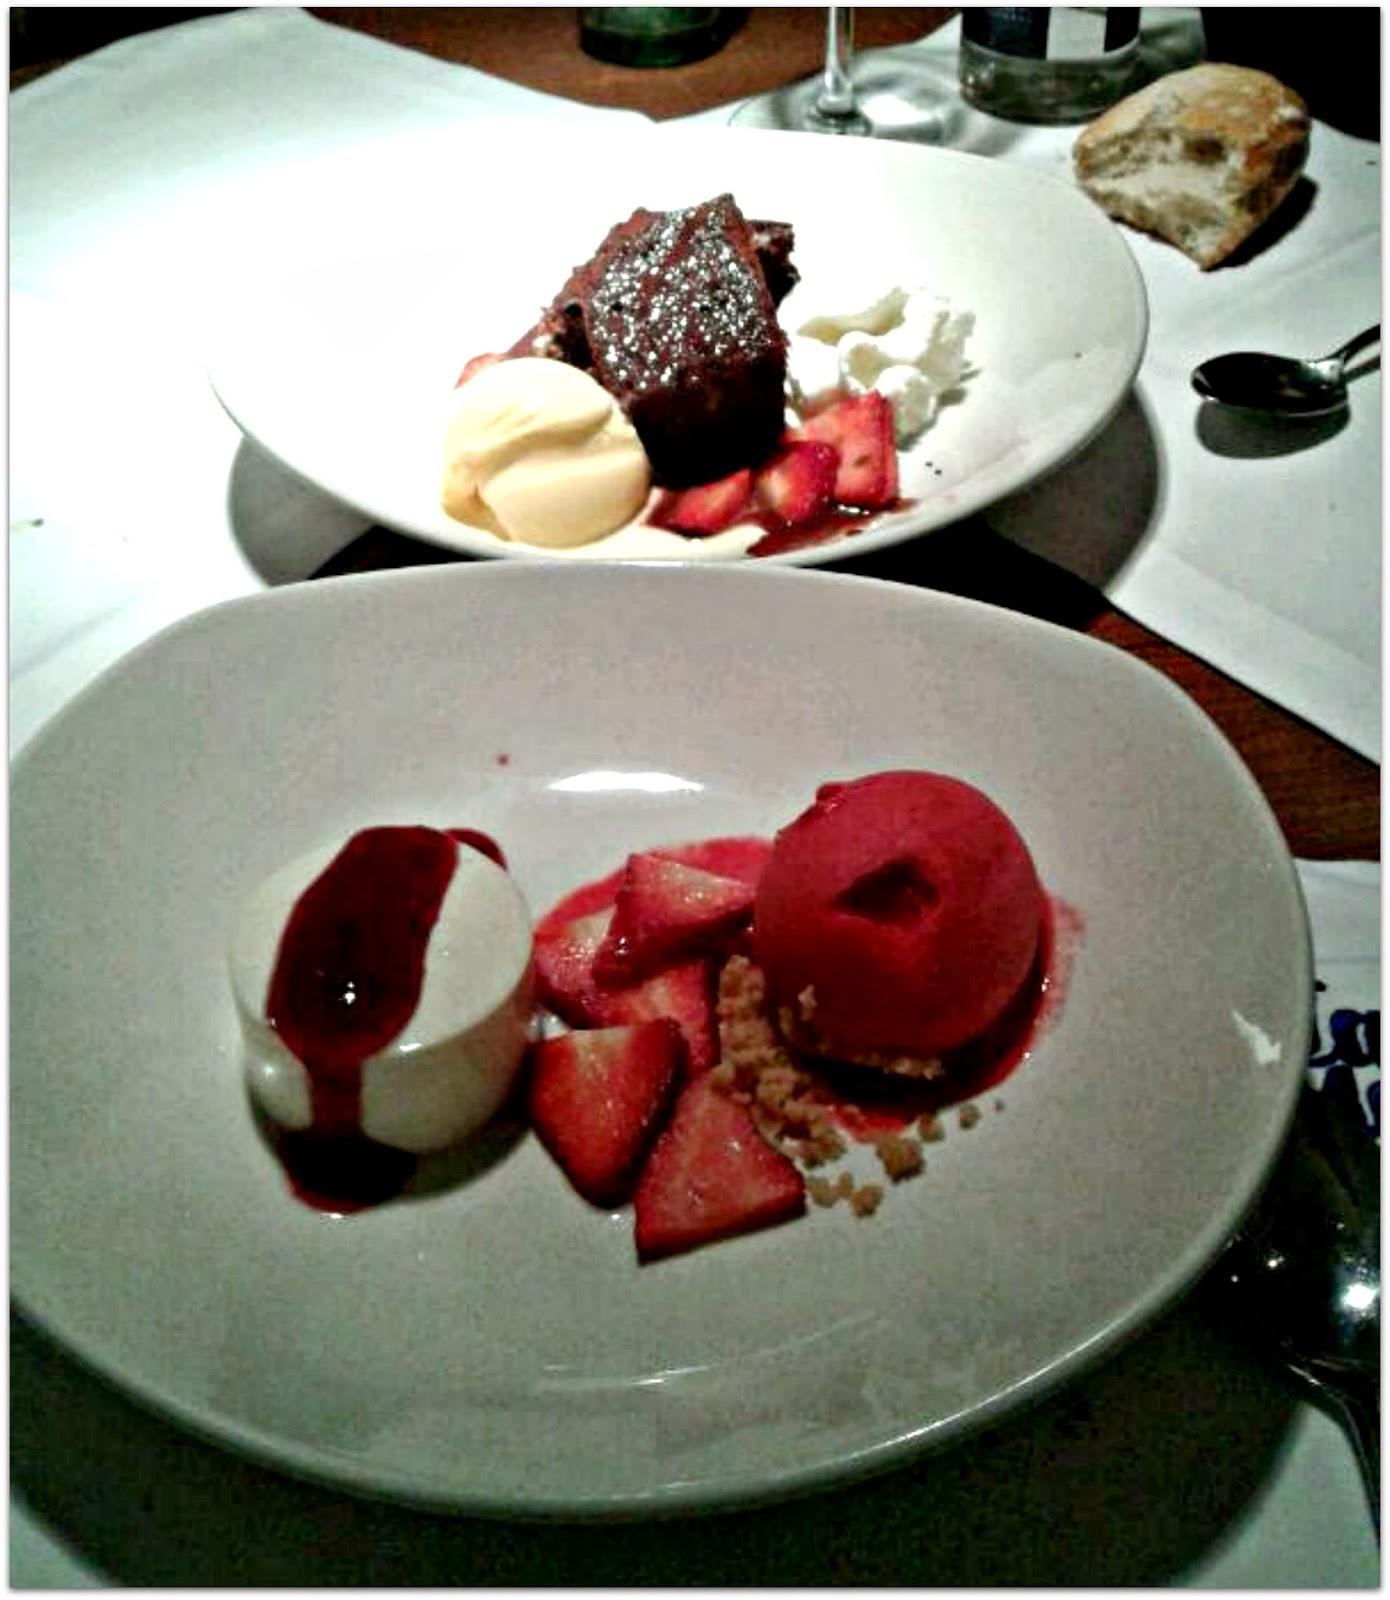 Postres - Restaurante La Mary - Brownie tibio y helado de vainilla, Cheesecake con coulies de frambuesa